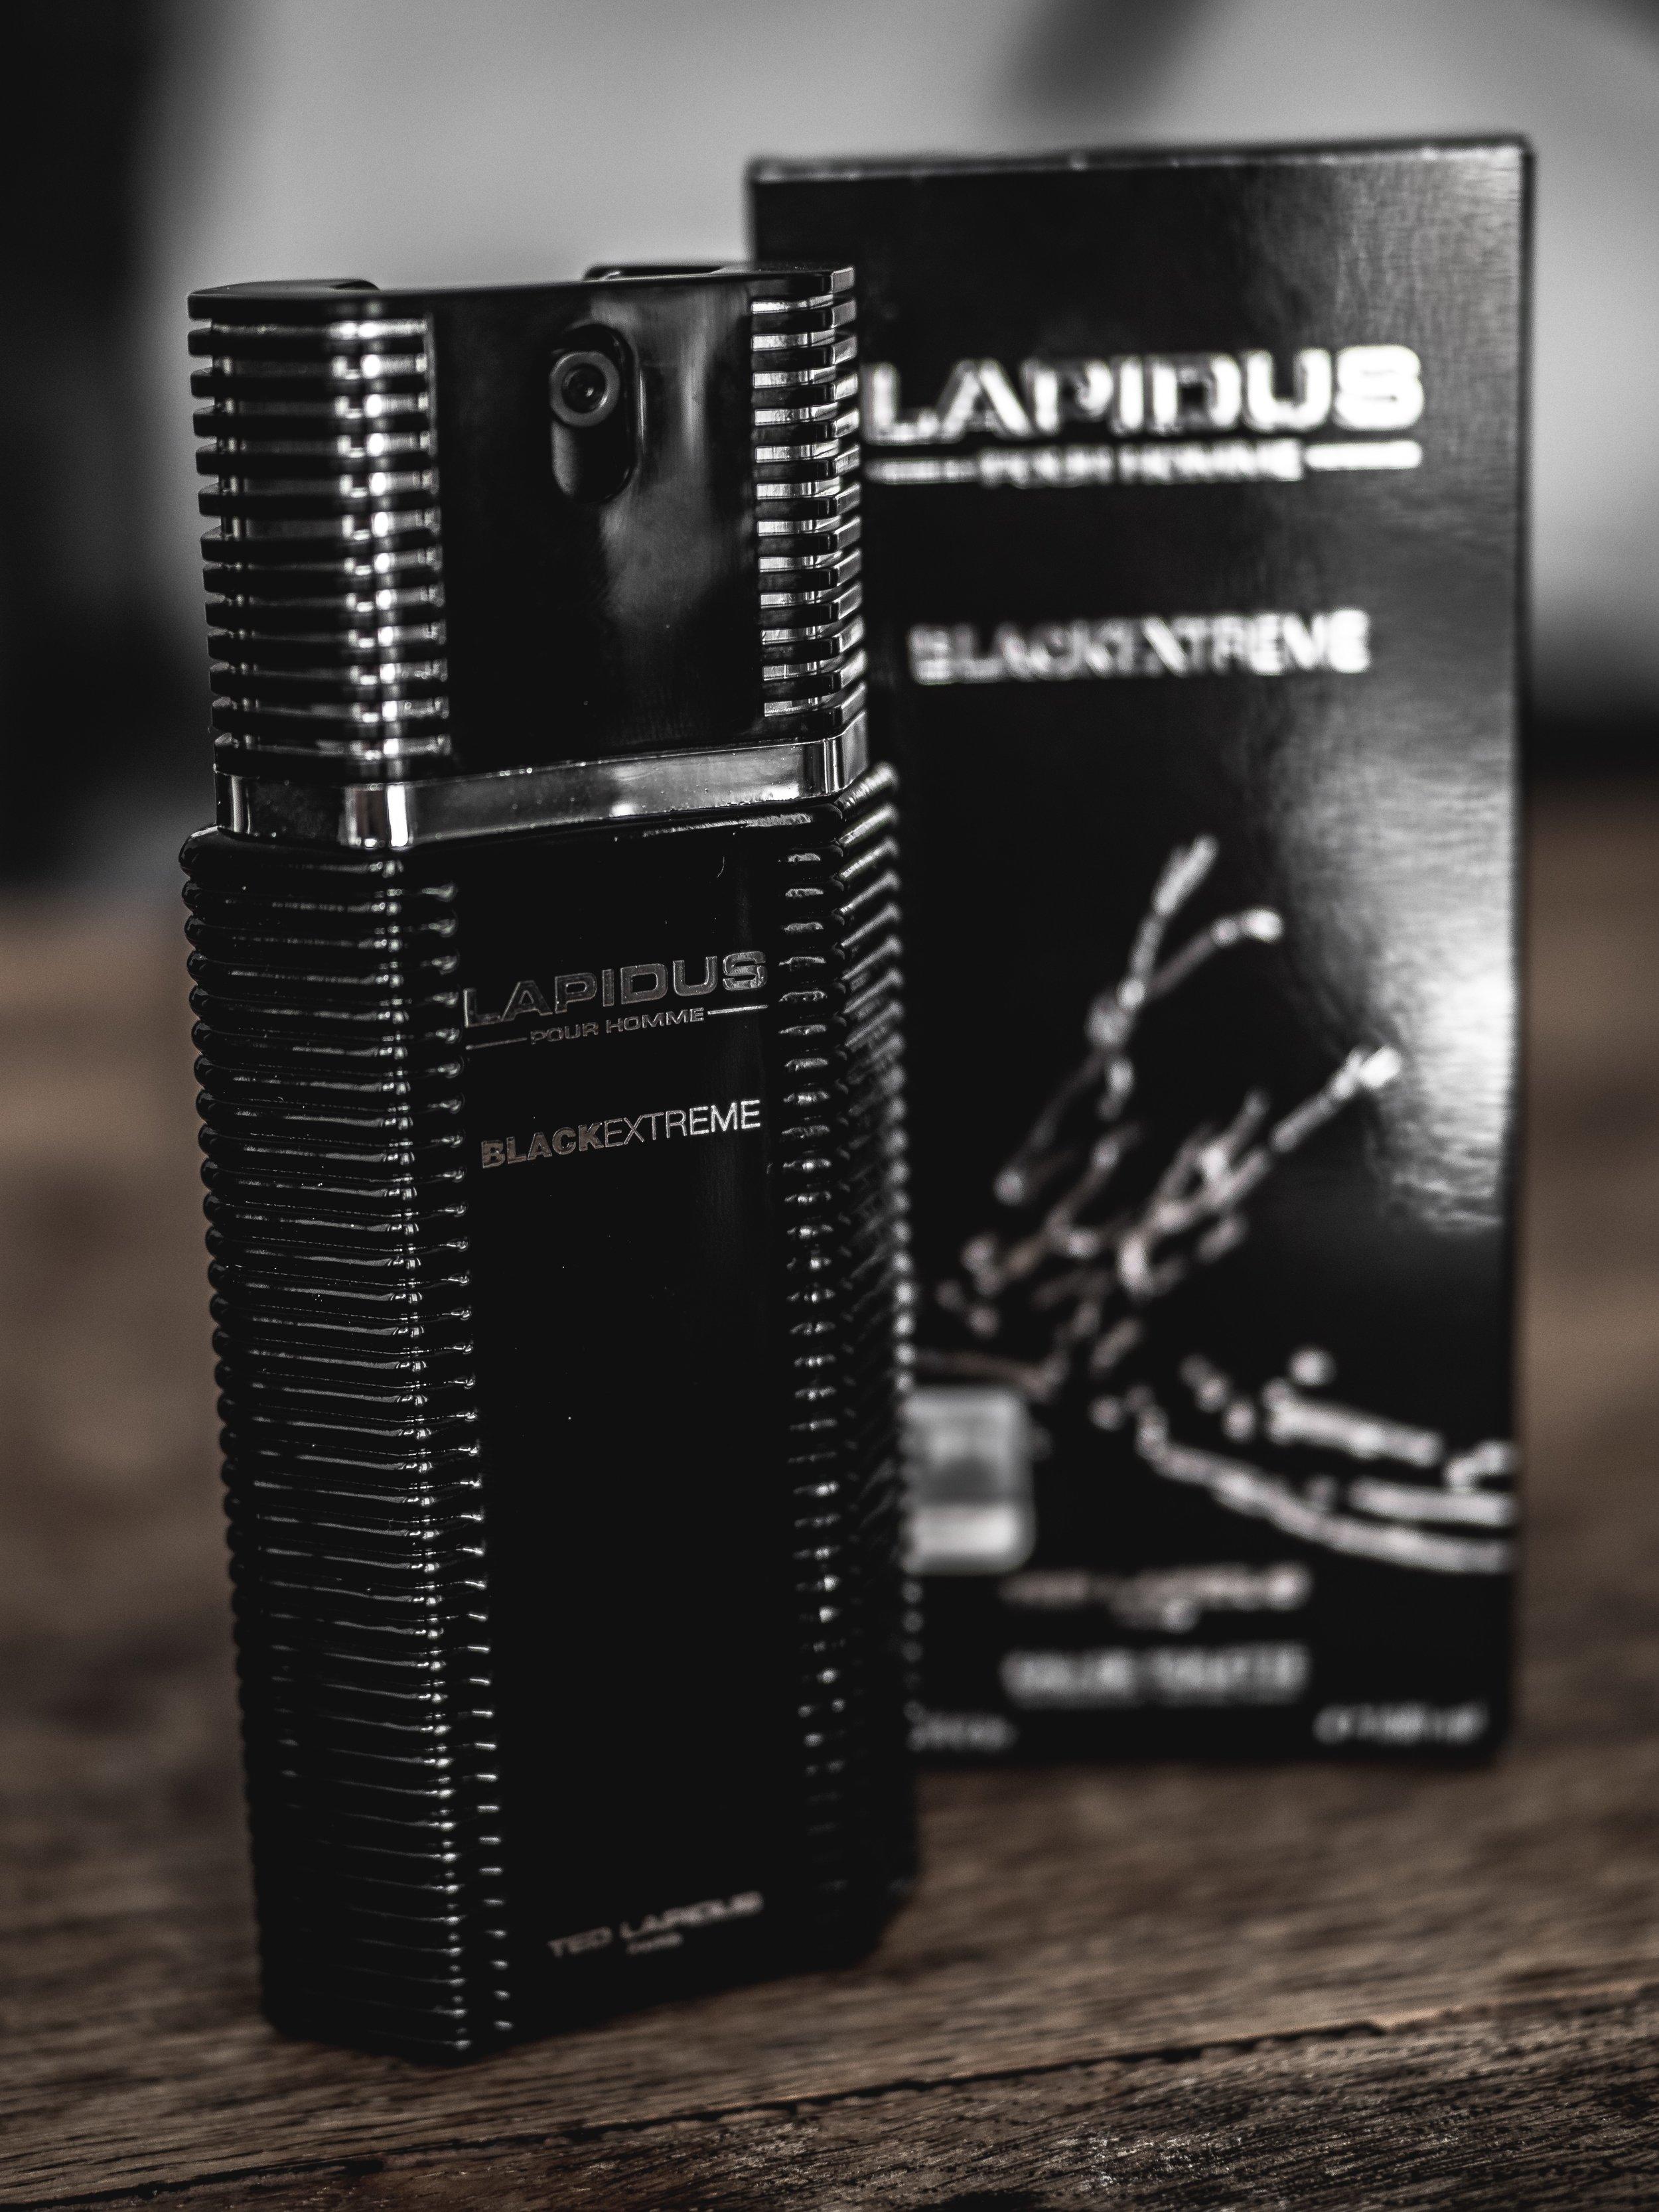 Lapidus Pour Homme Black Extreme 2012 Fragrance Review